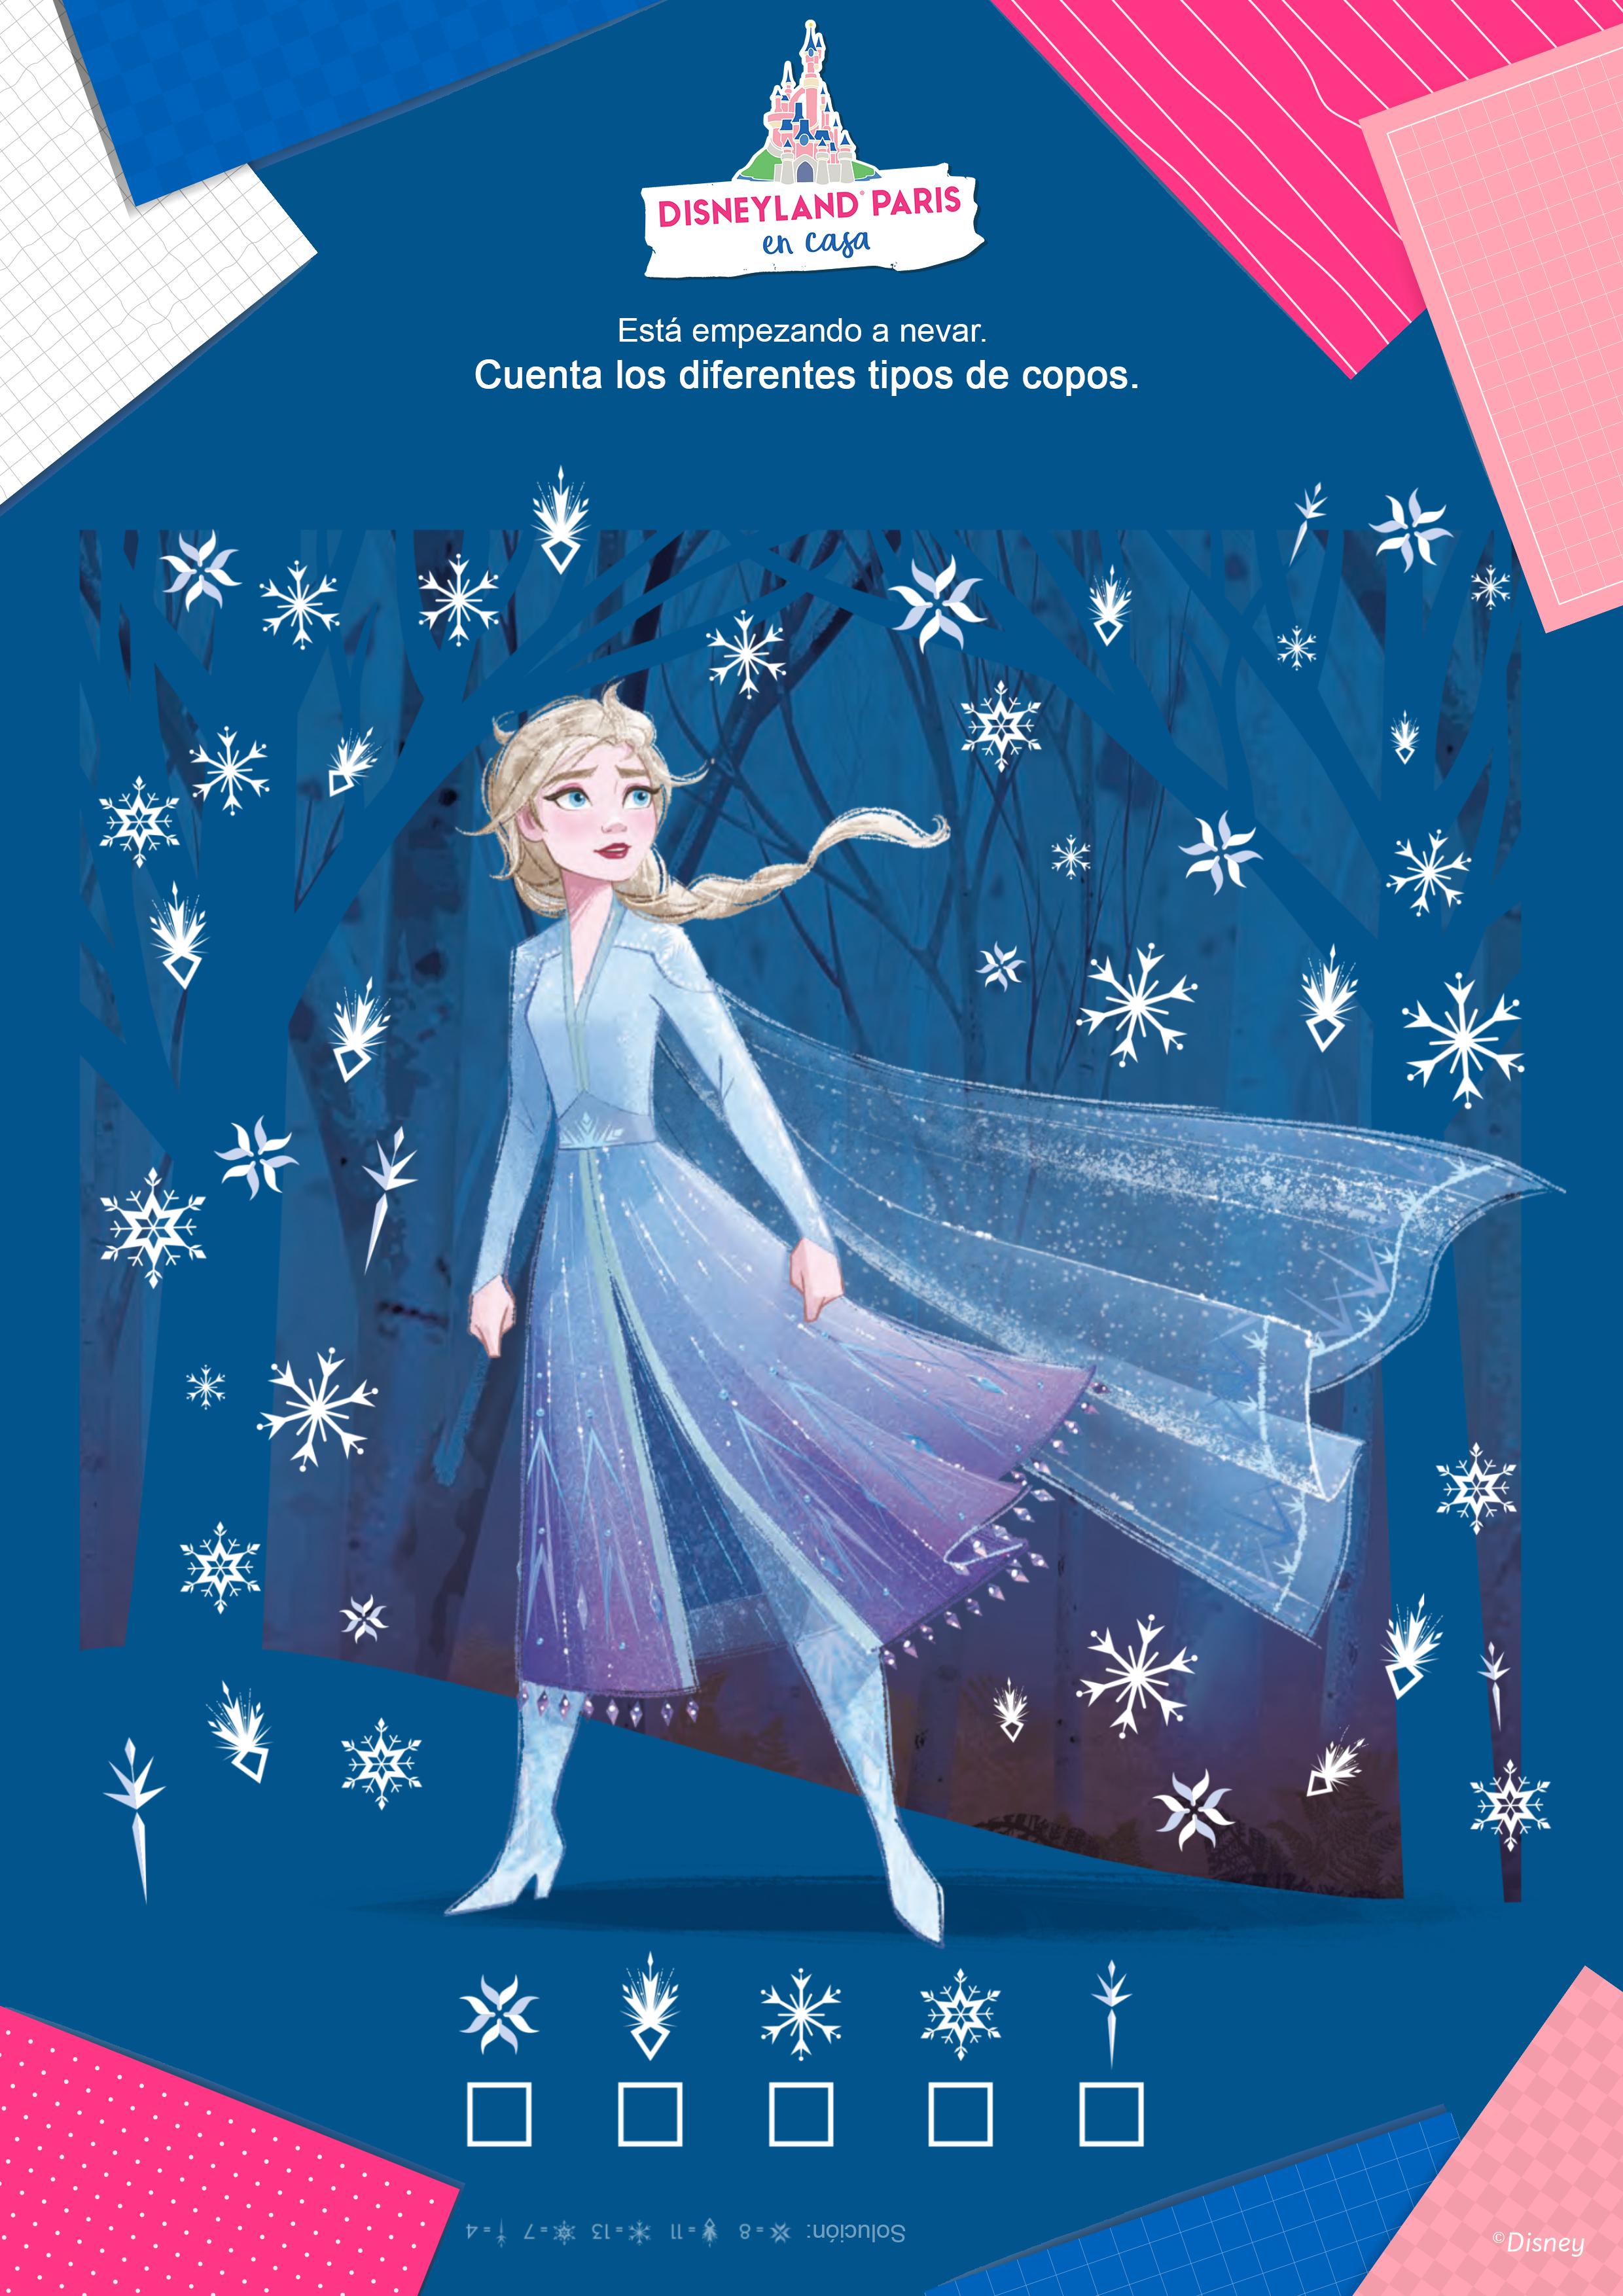 Cuenta los copos de nieve con Elsa